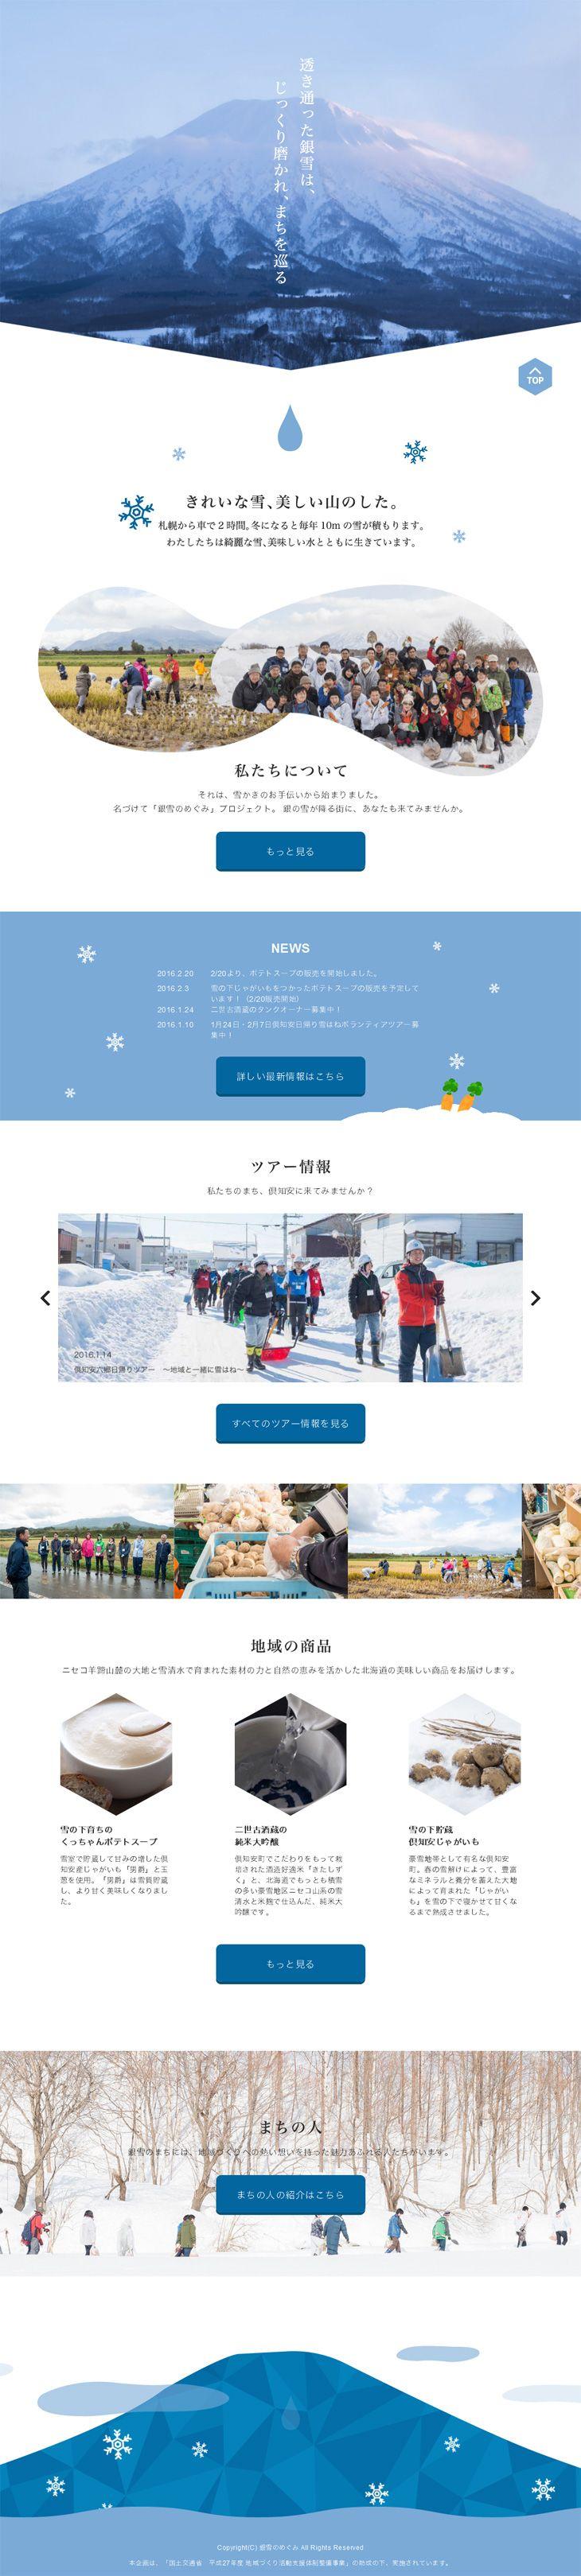 銀雪のめぐみ【サービス関連】のLPデザイン。WEBデザイナーさん必見!ランディングページのデザイン参考に(キレイ系)